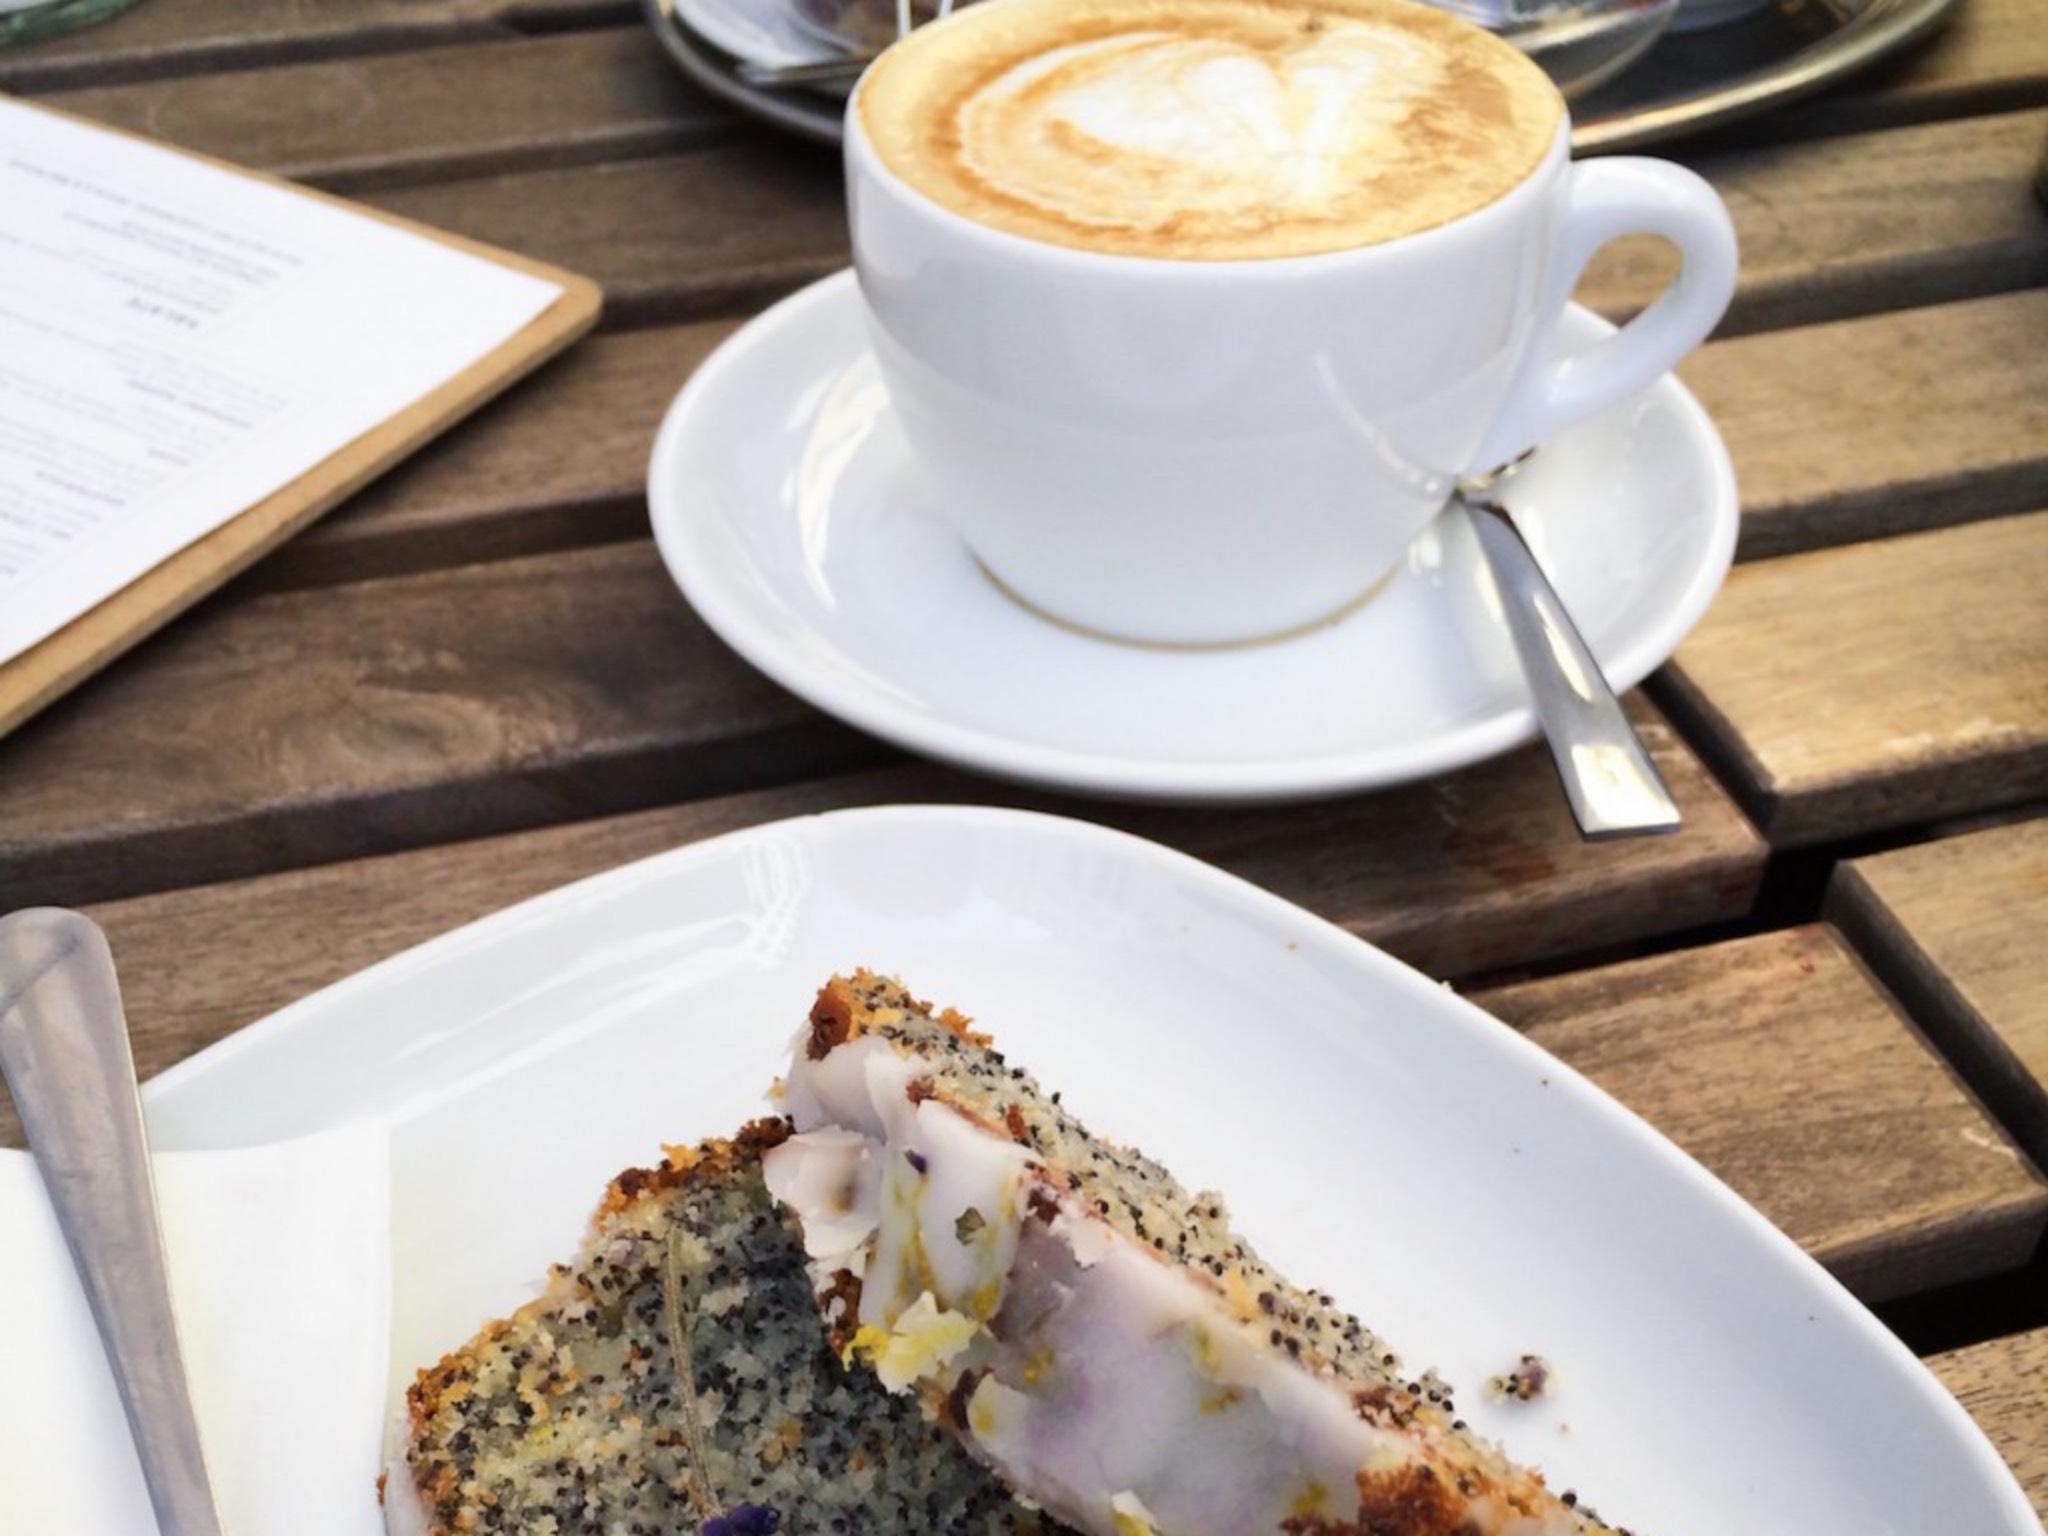 Kaffee und Kuchen. Symbolfoto: Meliz Kaya